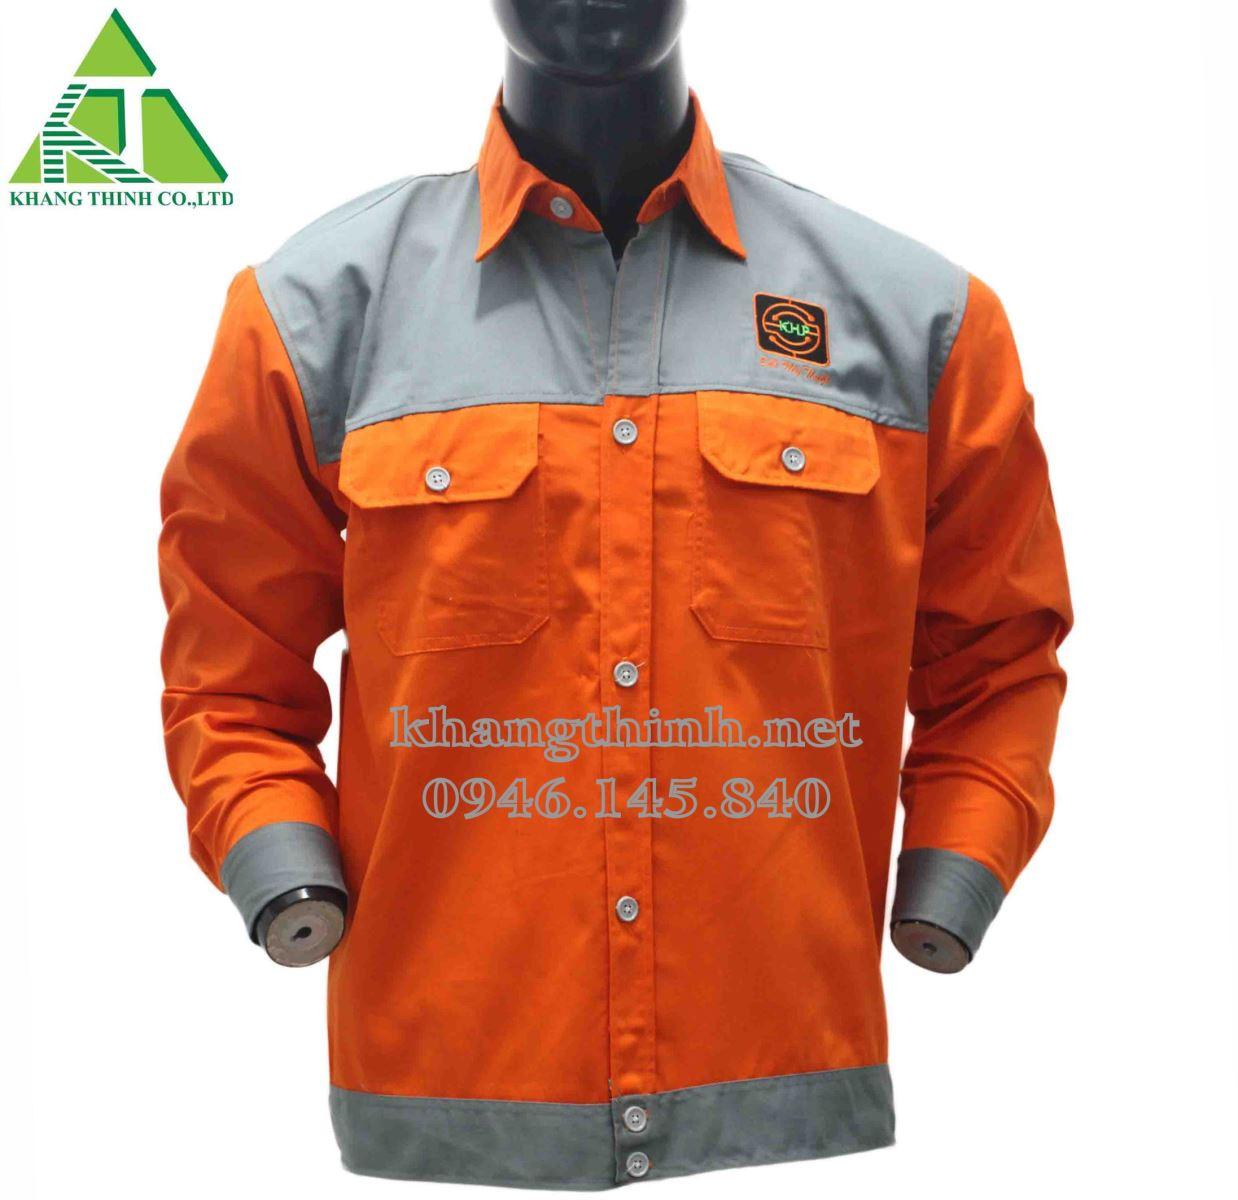 Bảo hộ lao động 021